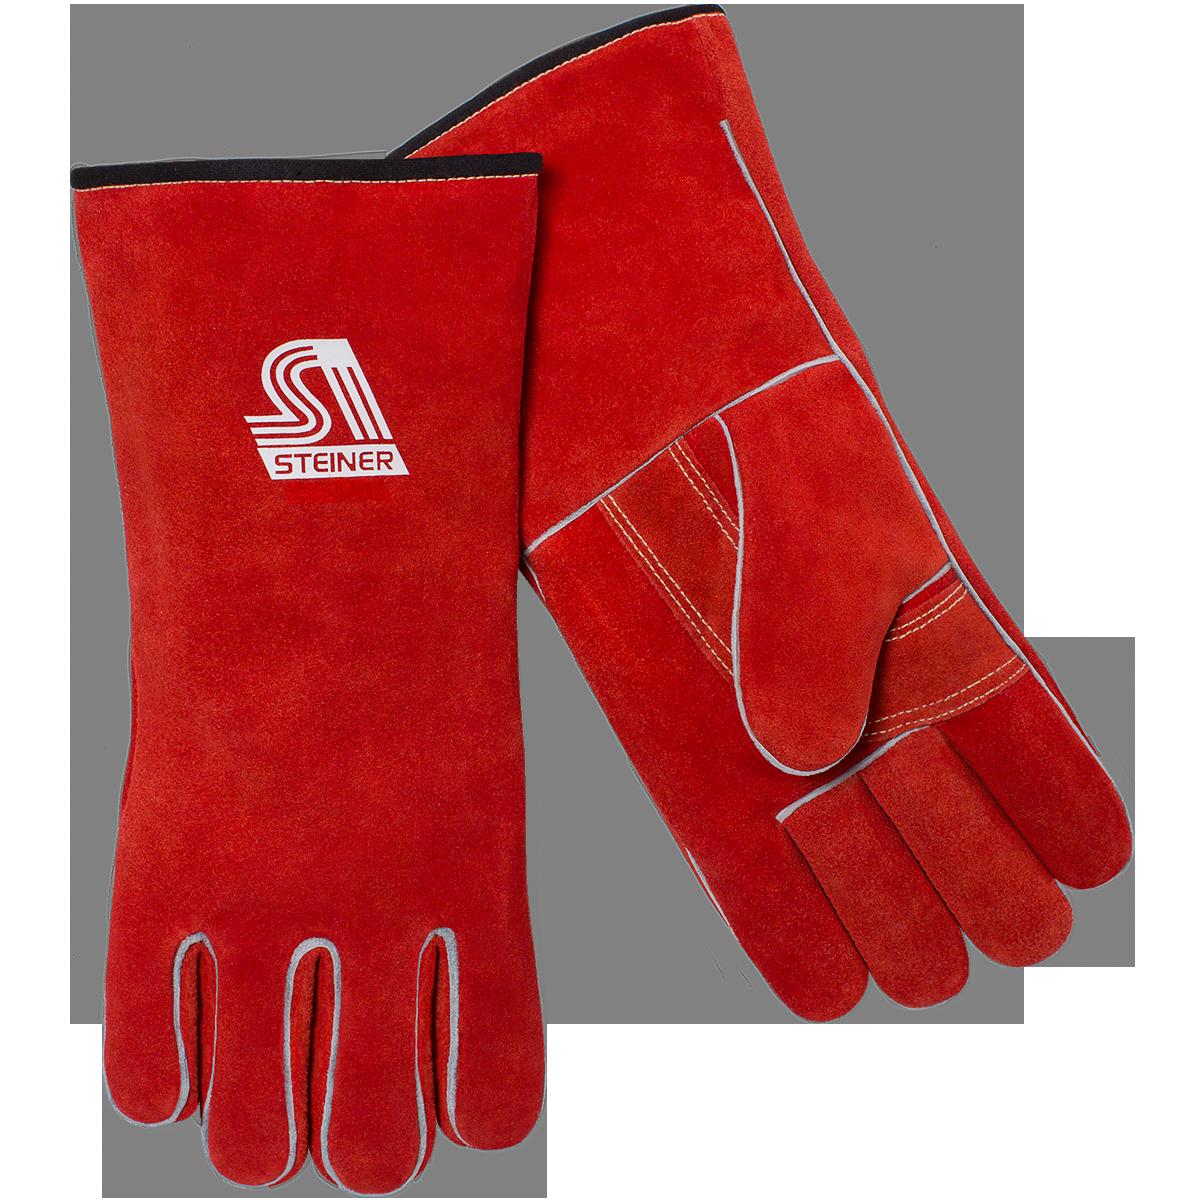 Stick steiner industries made. Glove clipart welding glove